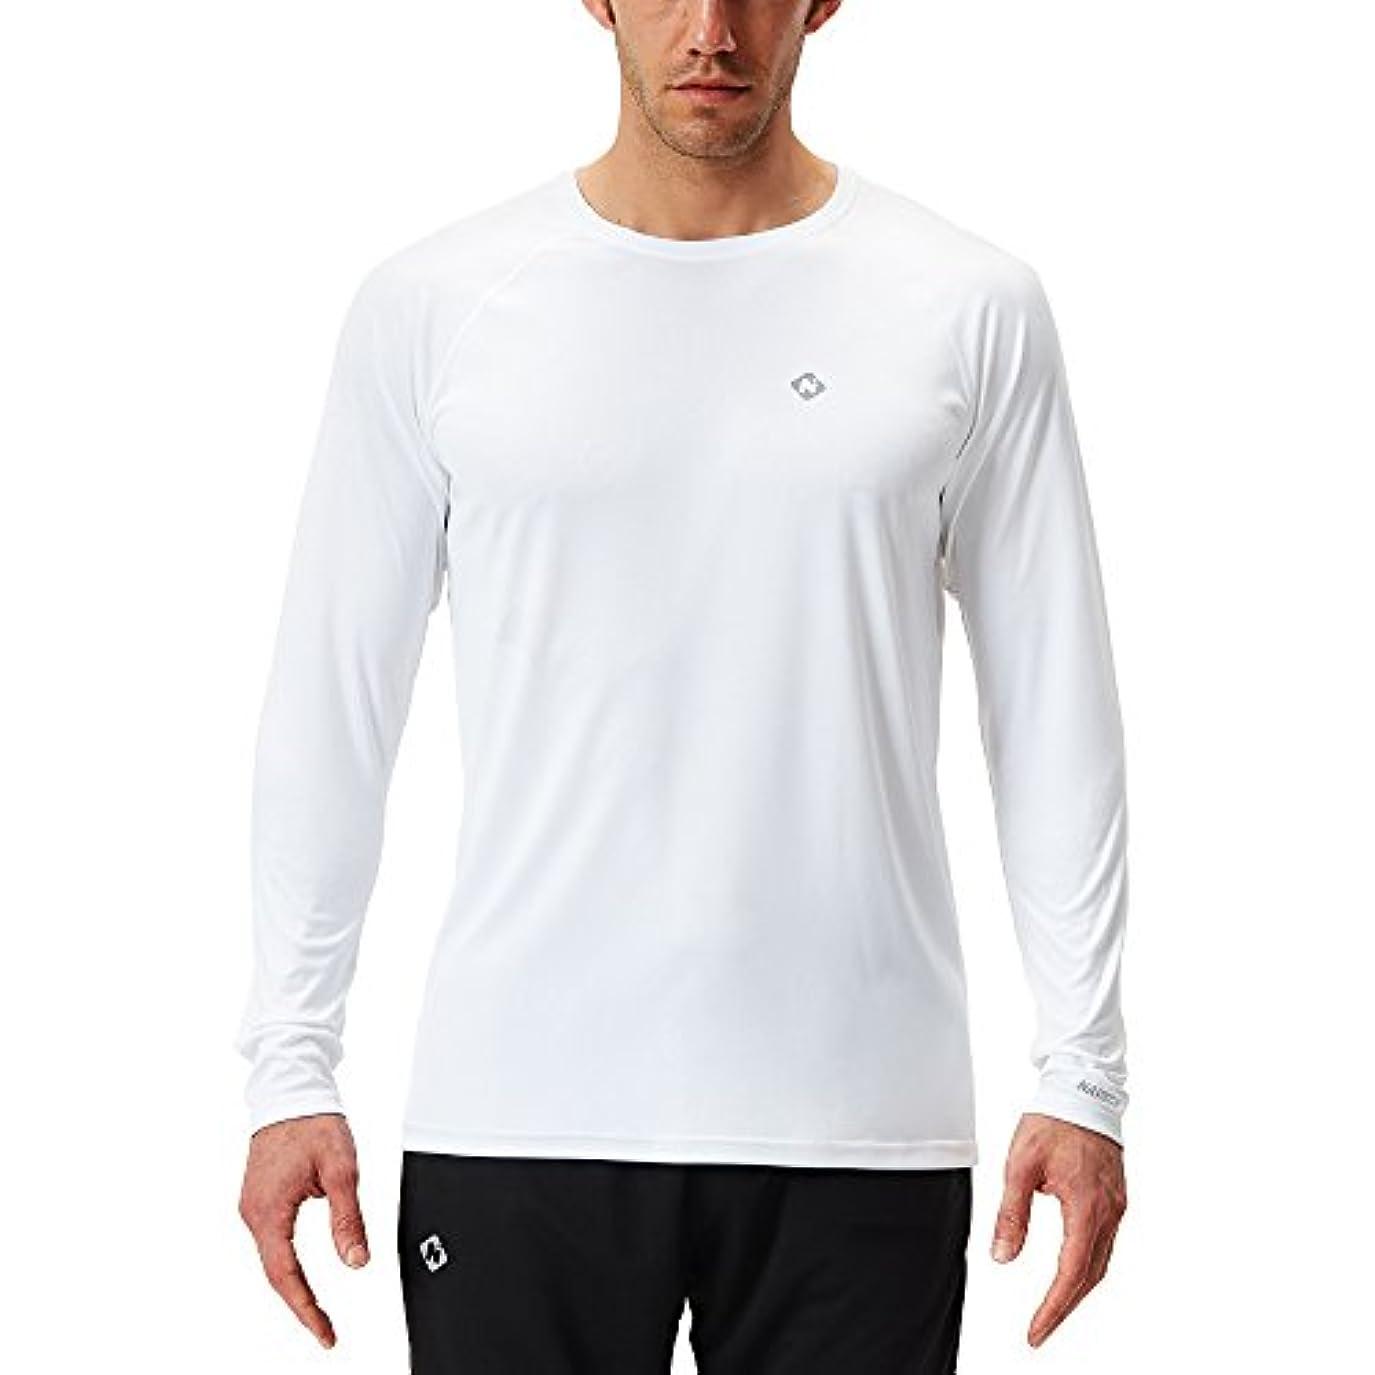 ローブ進化バブルスポーツシャツ 長袖 メンズ [UVカット?吸汗速乾] 冷感 ドライ ロングスリーブTシャツ 登山 トレーニング アウトドア ウェア